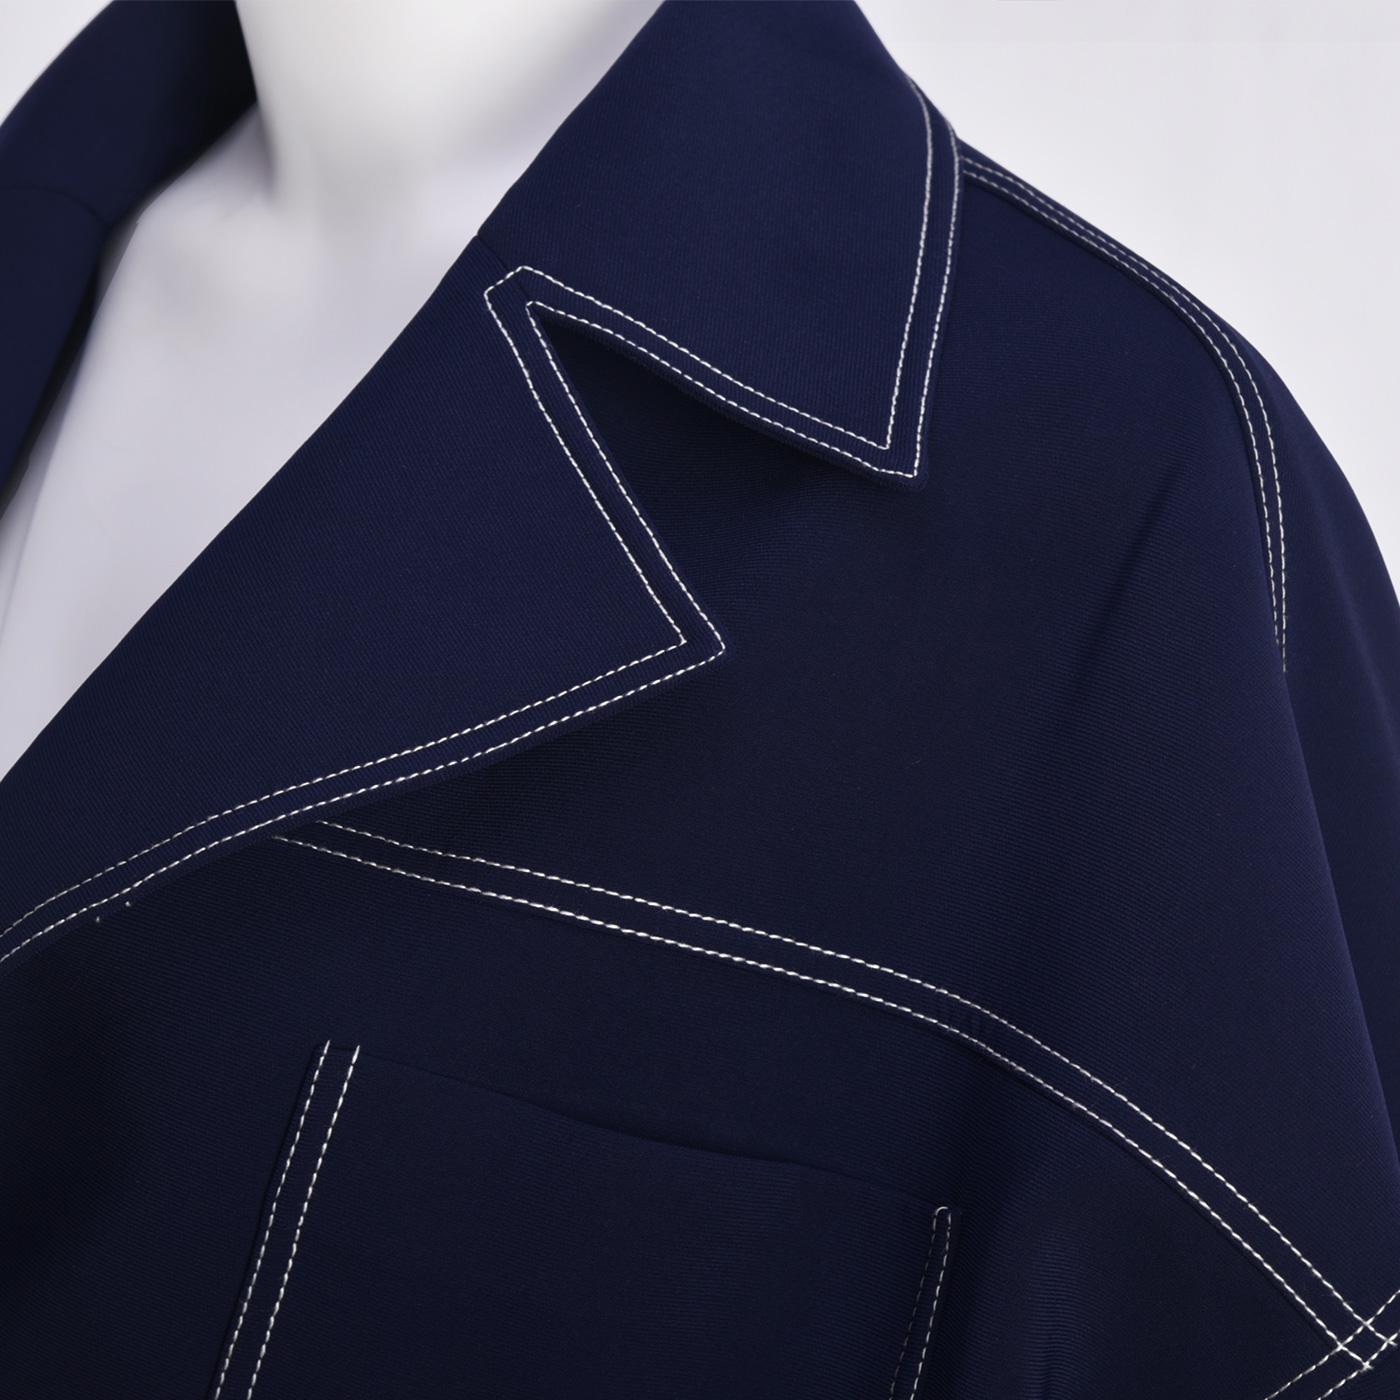 糖力 秋装新款宝蓝色欧美时尚长袖宽松翻领珍珠扣装饰短款外套女